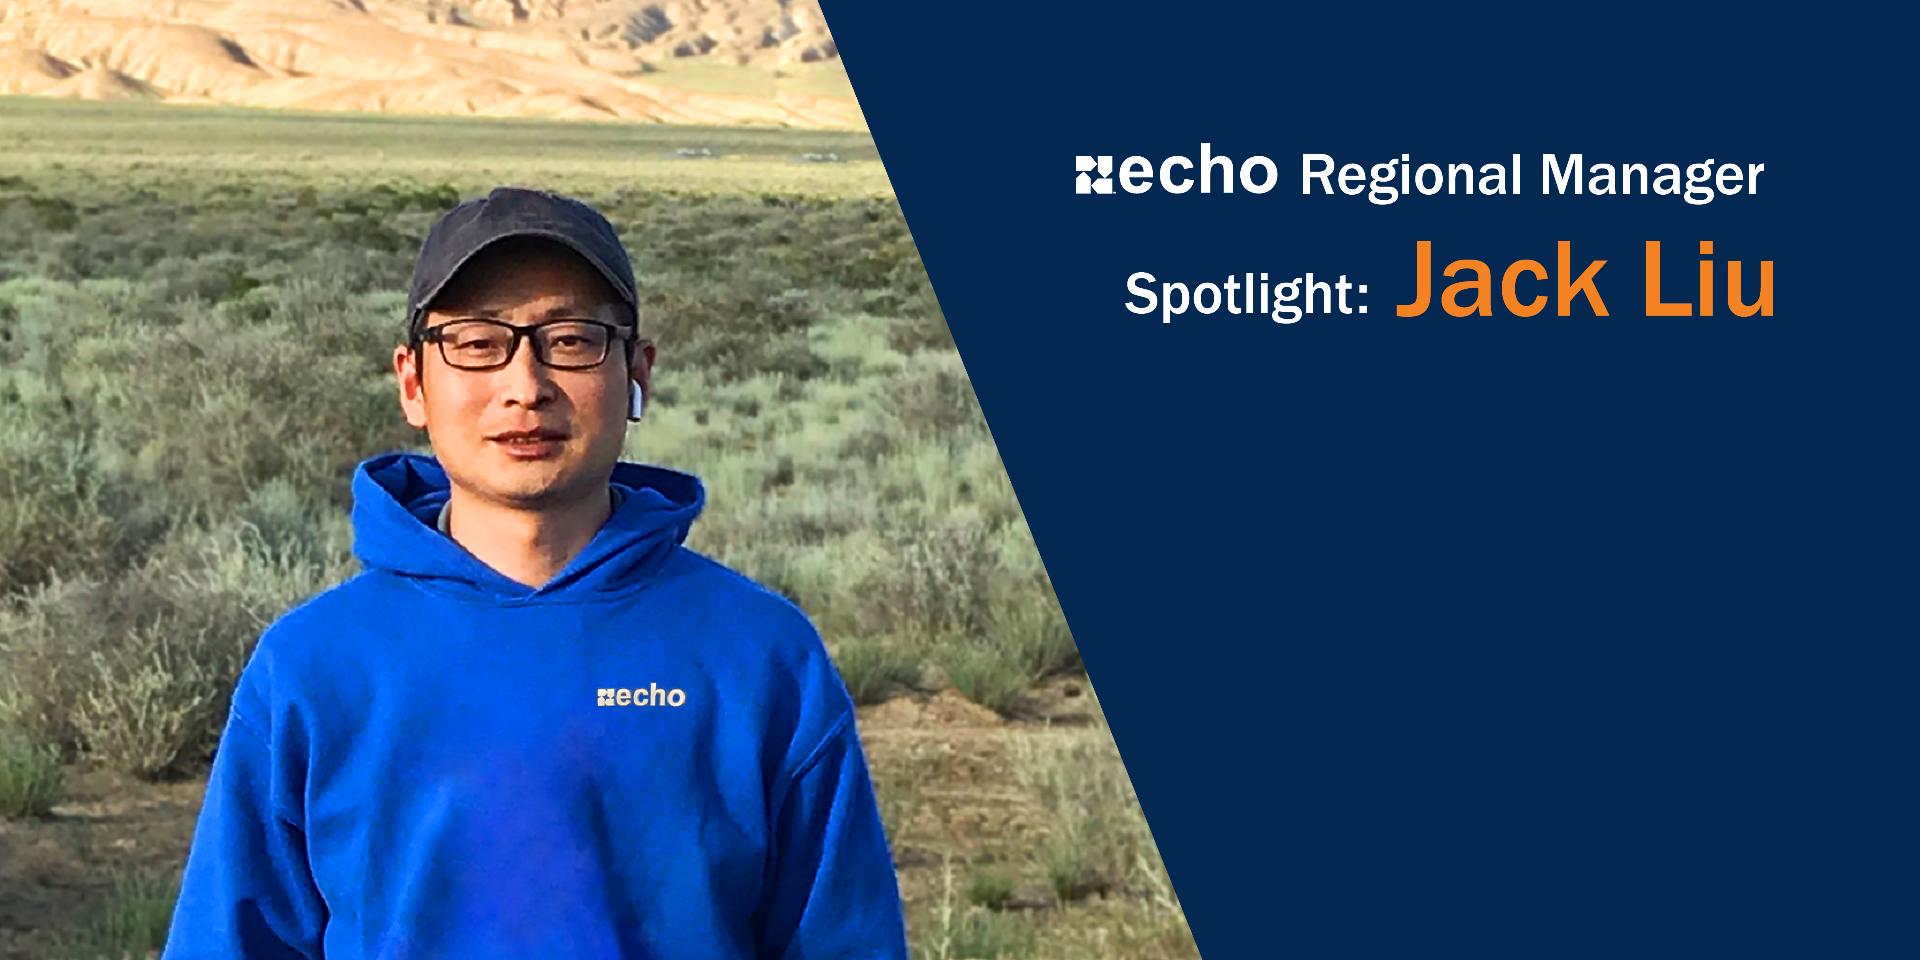 Echo's Regional Manager Spotlight